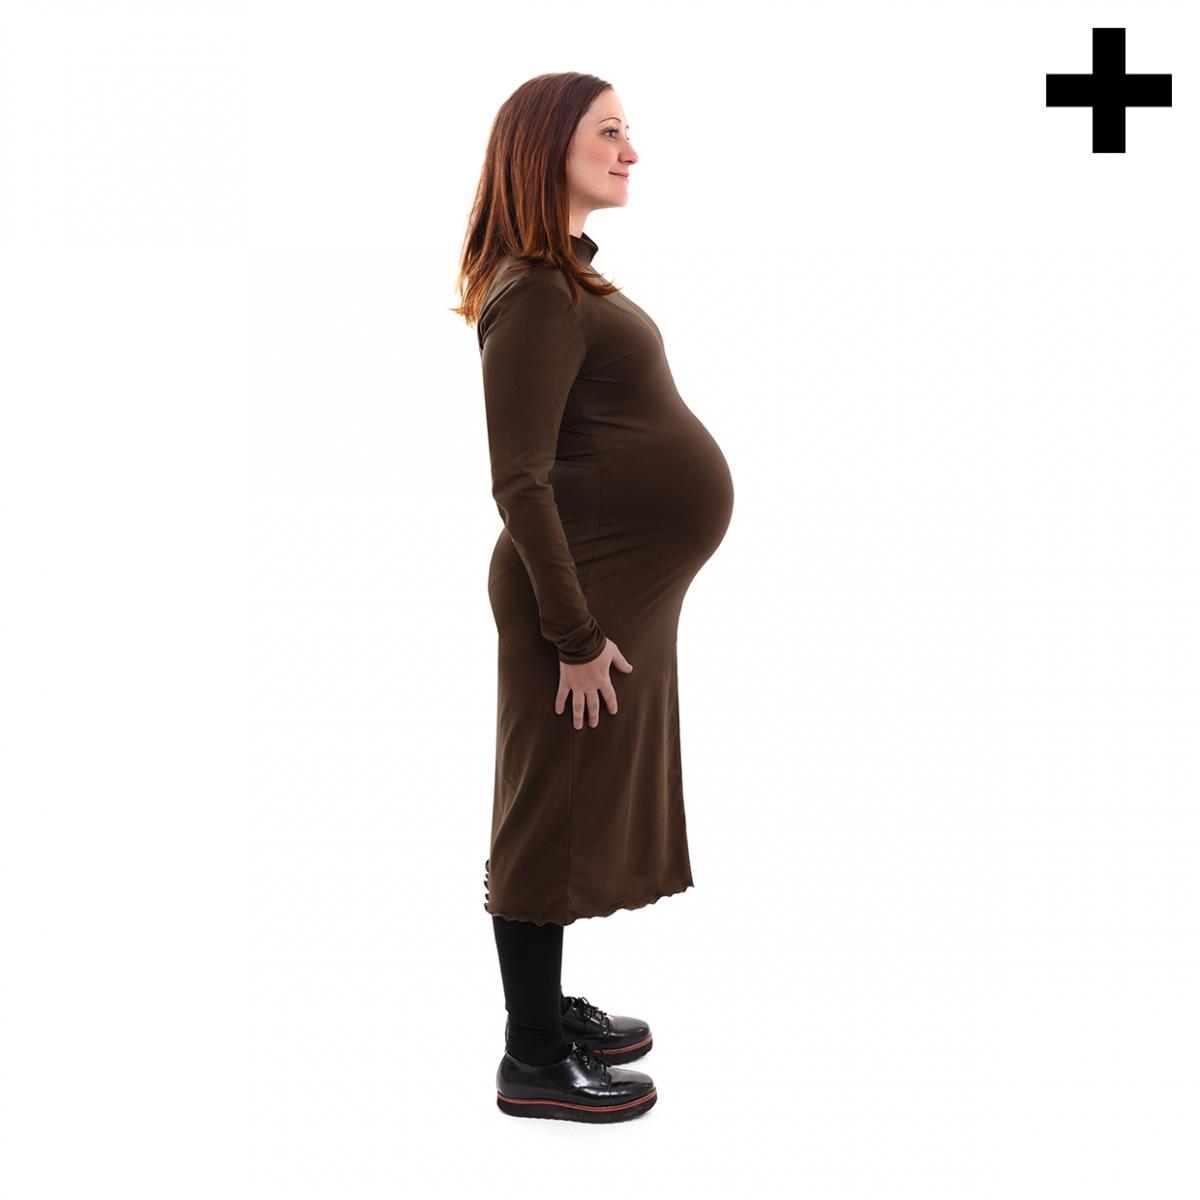 Imagen en la que se ve el plural del concepto embarazada